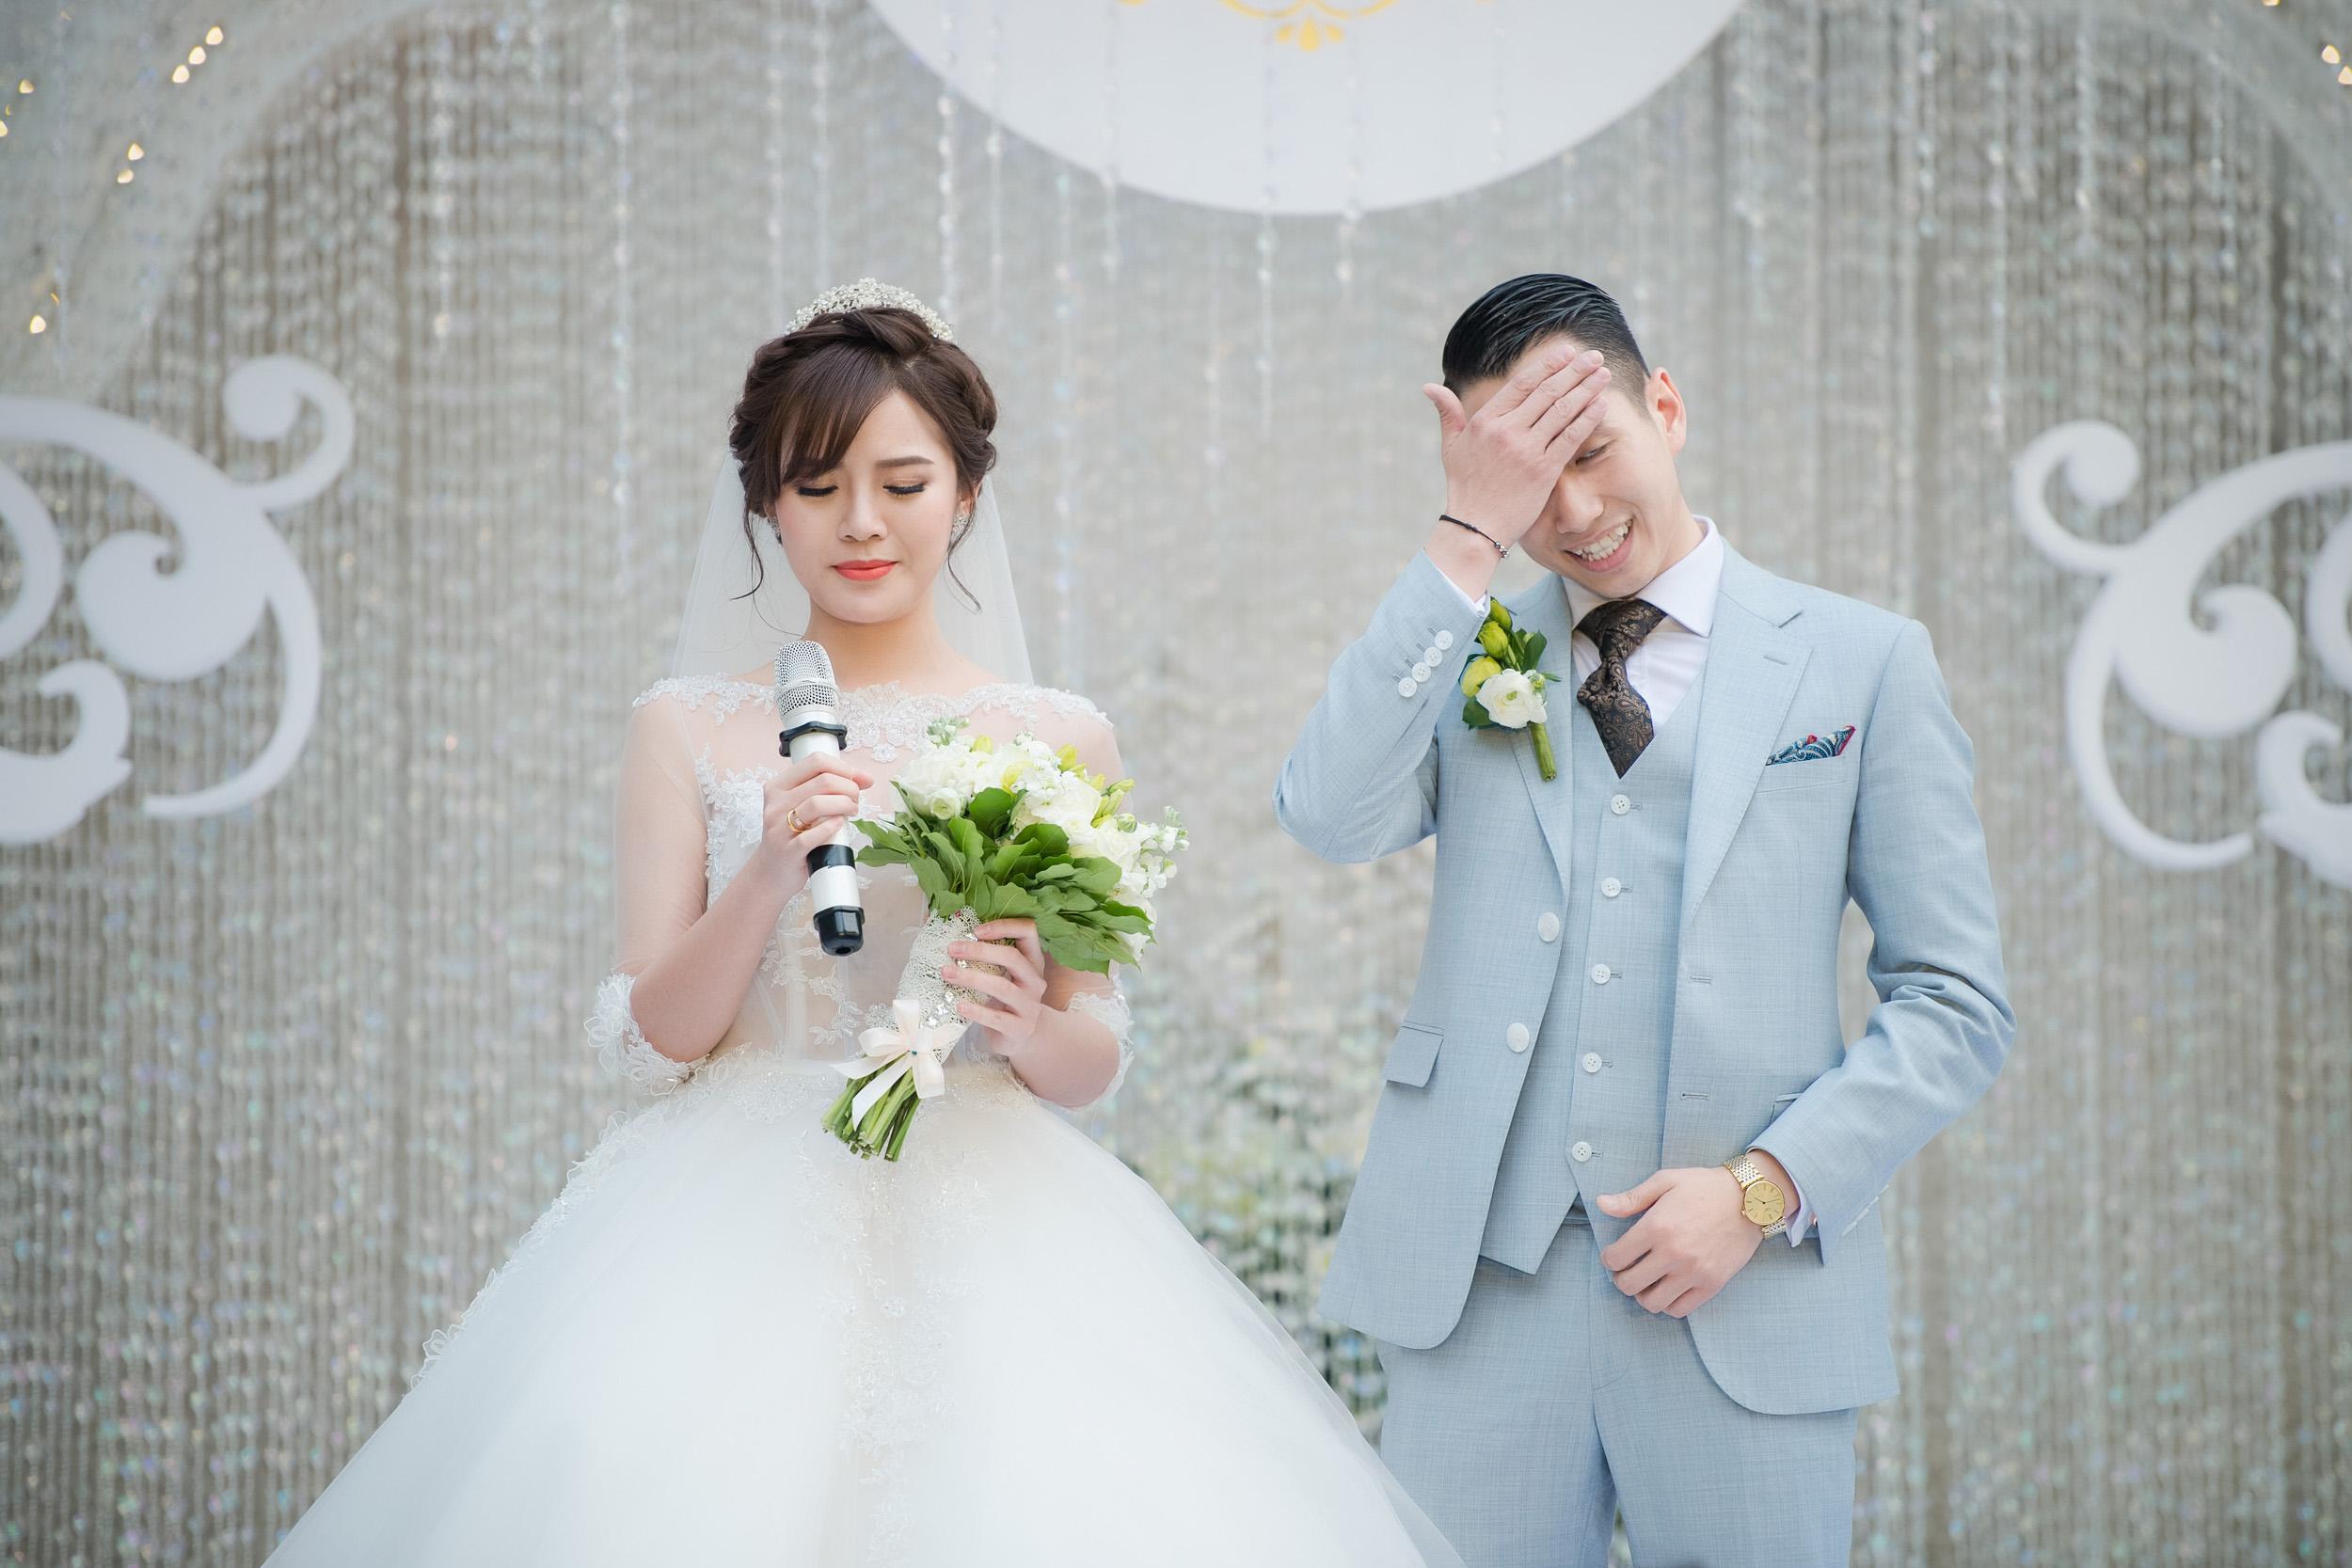 Tú Linh bật khóc cảm ơn bố mẹ chồng trong đám cưới - Ảnh 5.